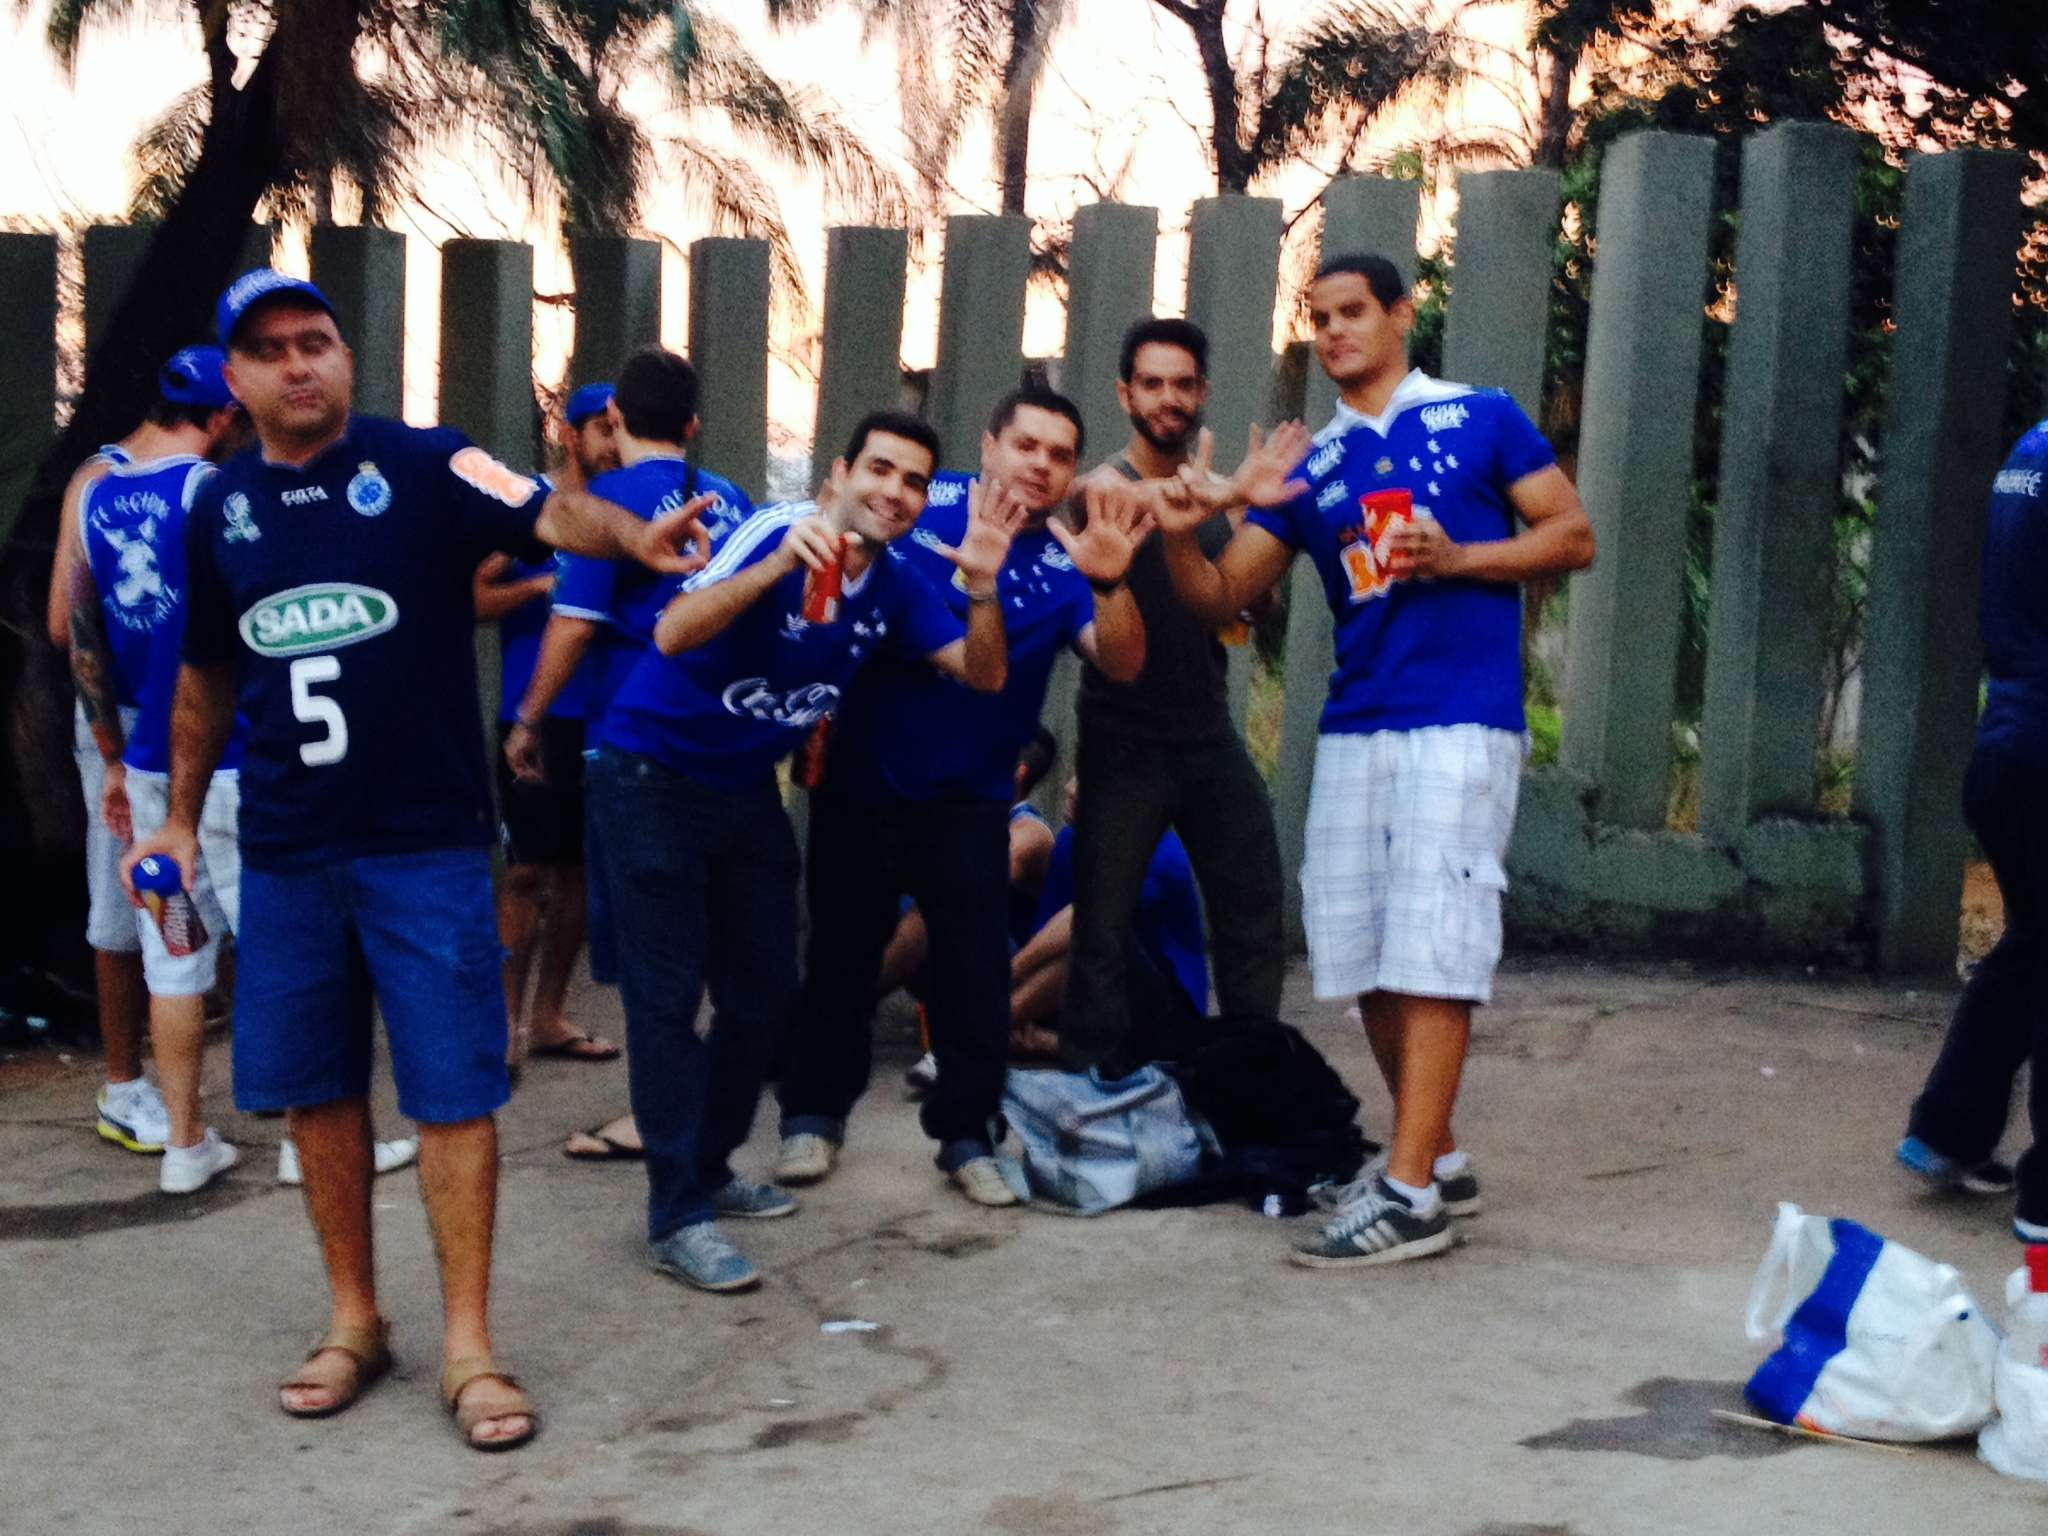 Torcedores do Cruzeiro lamentaram a punição Foto: Marcellus Madureira/Especial para o Terra